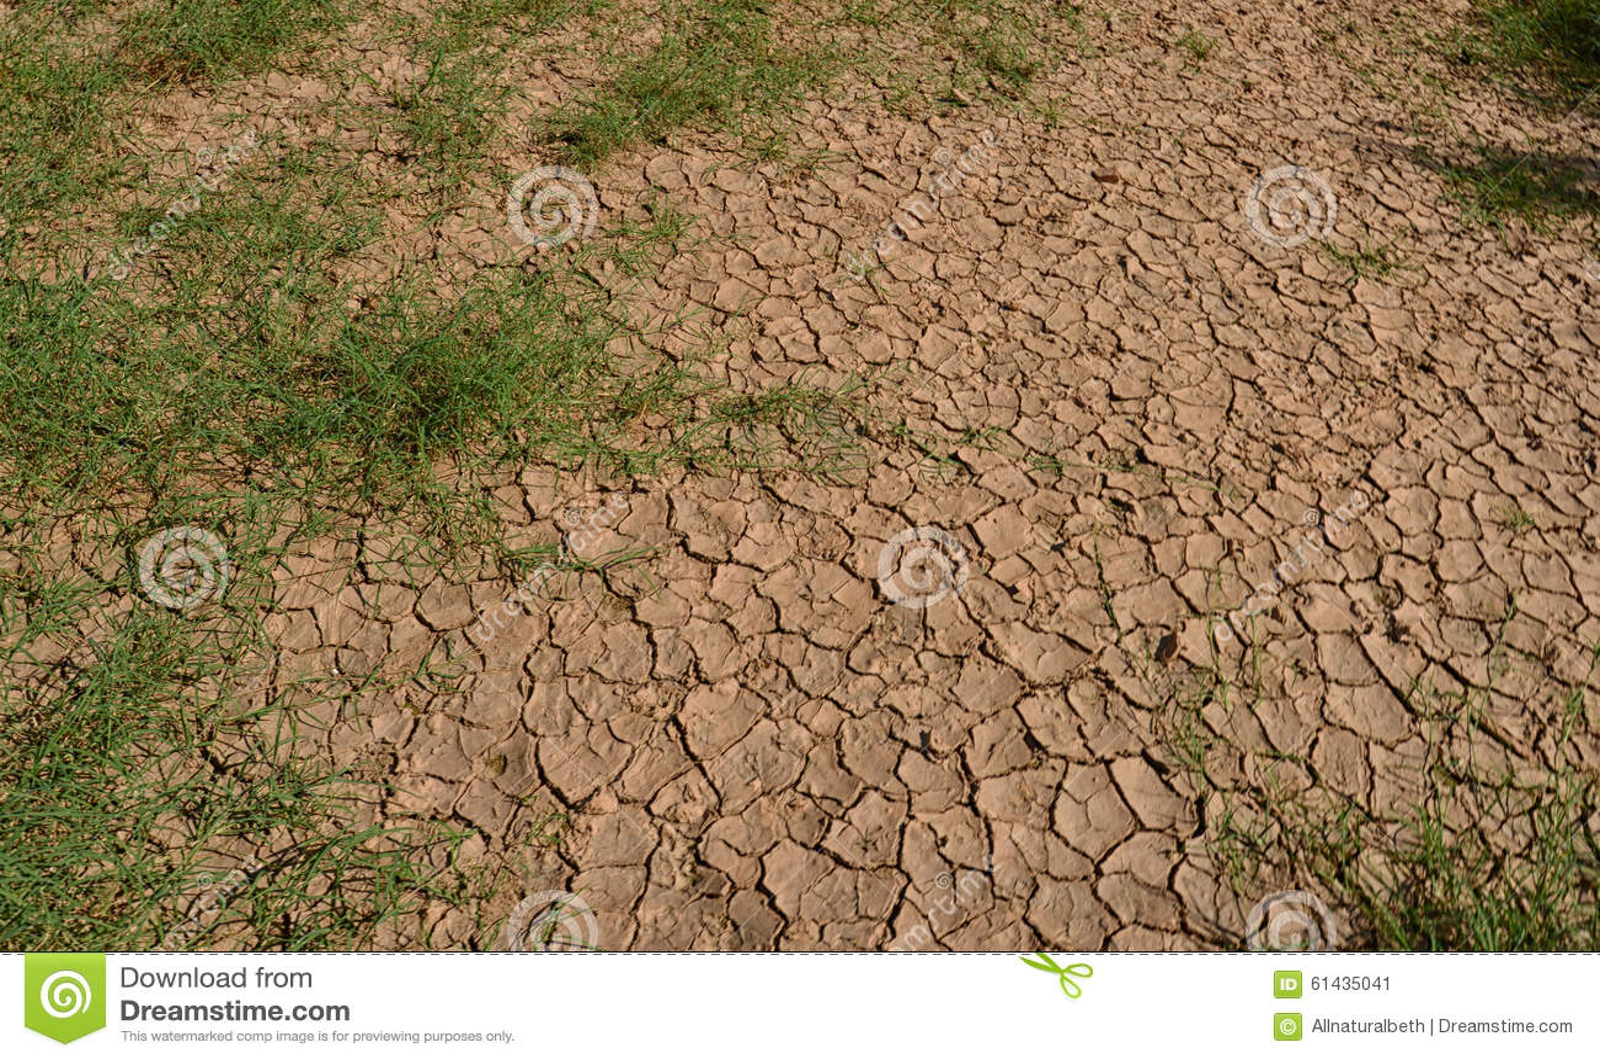 Changement climatique et sécheresse